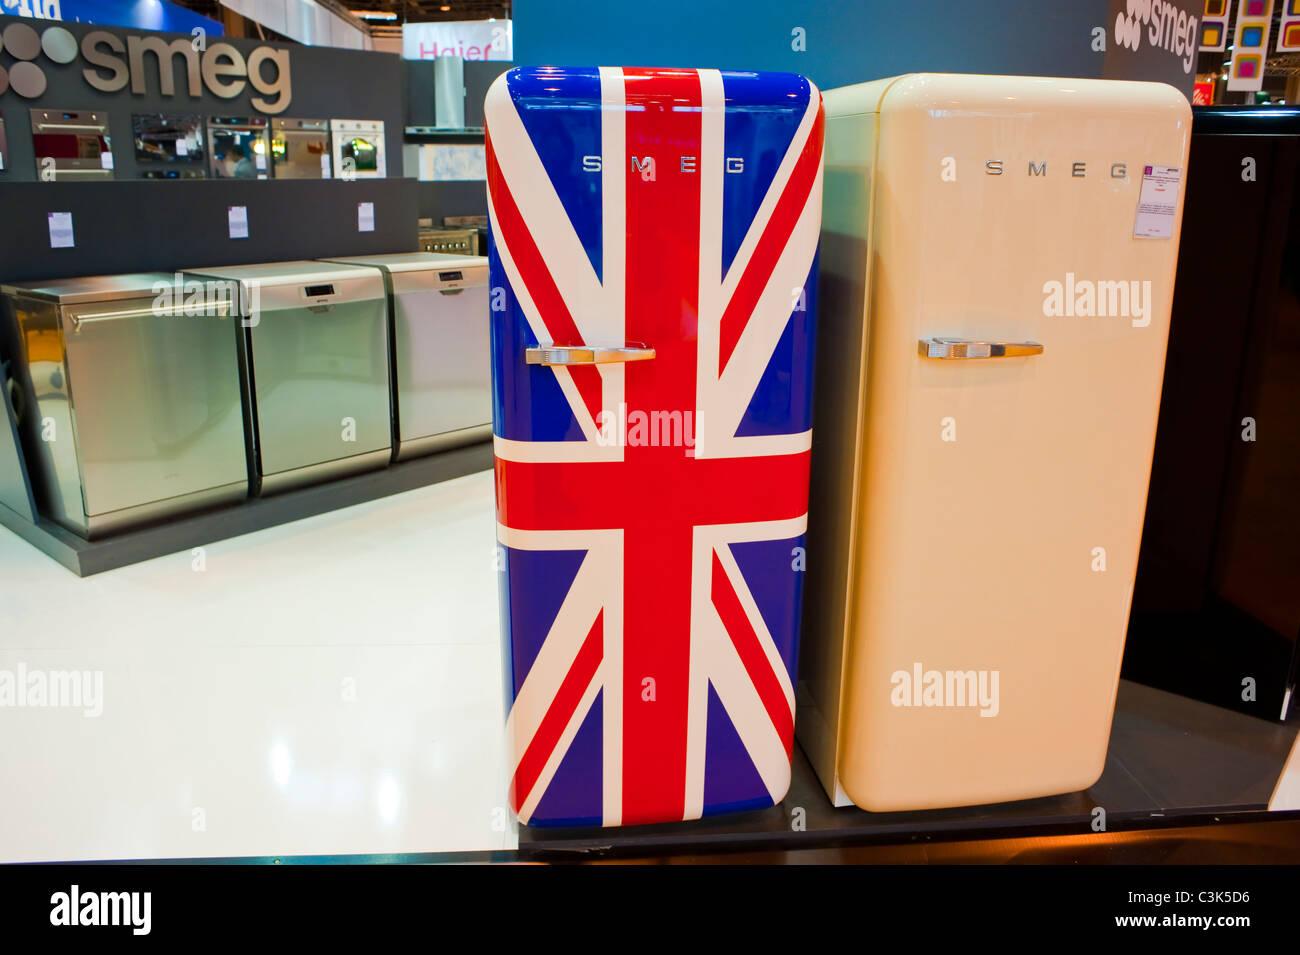 Smeg Kühlschrank Alle Farben : Retro kühlschrank test die besten retro kühlschränke im